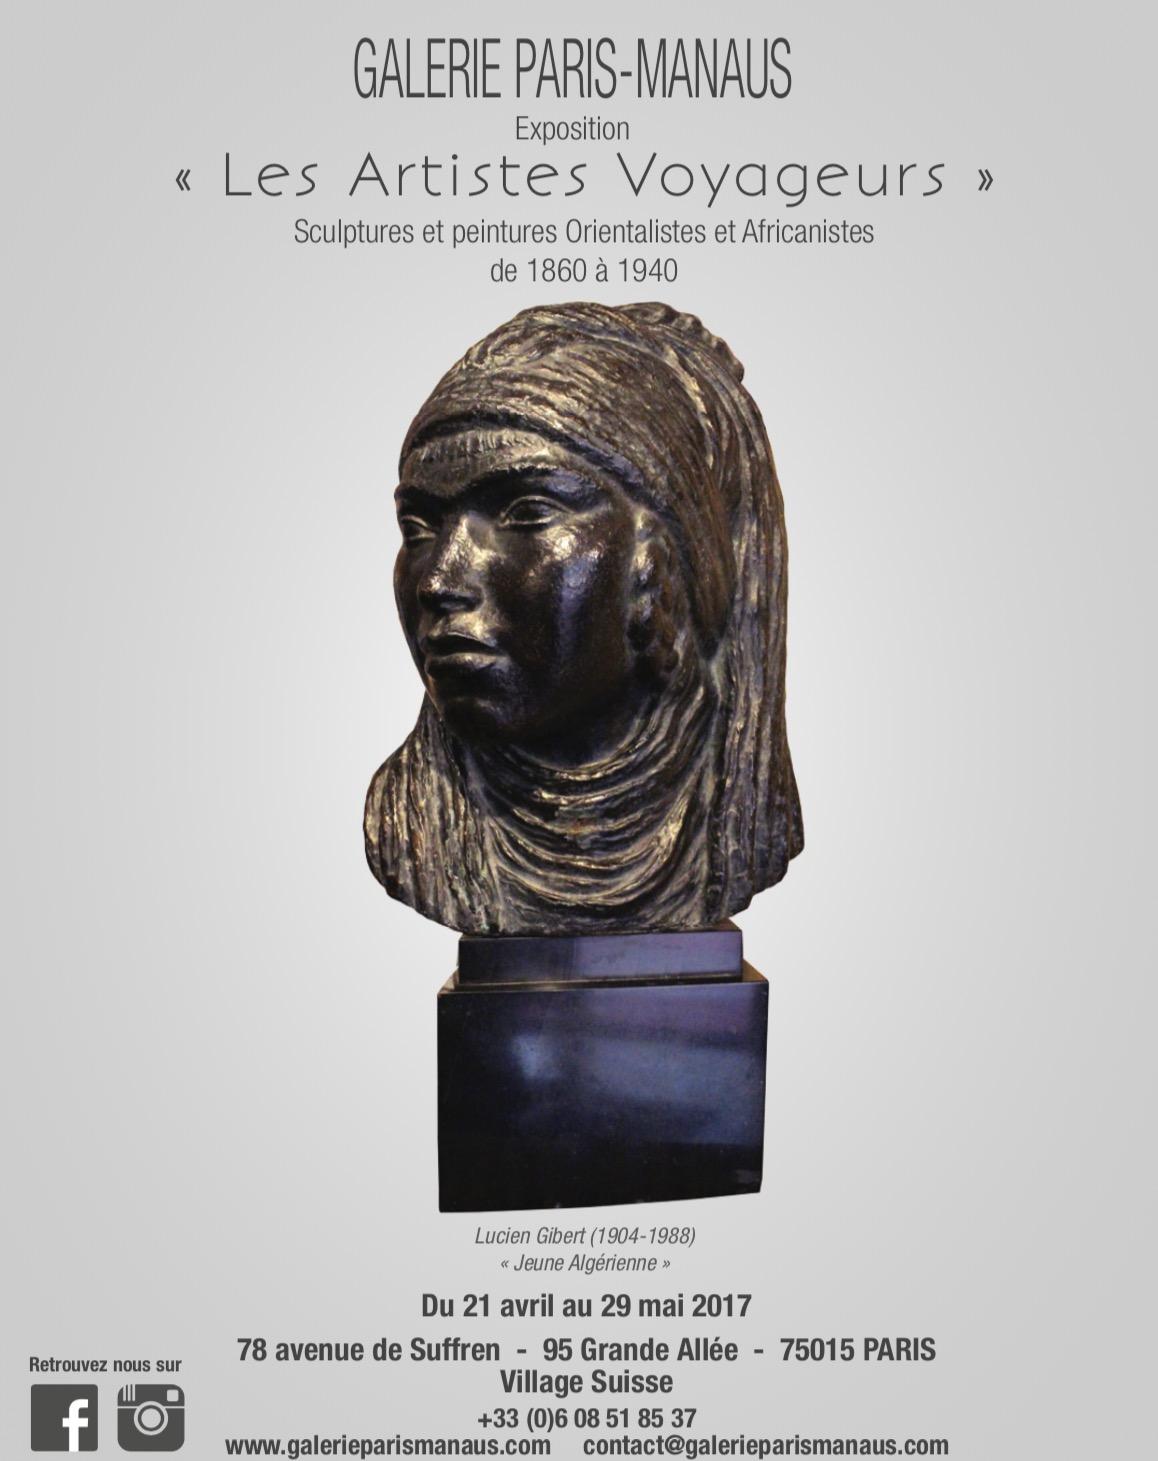 Les artistes voyageurs